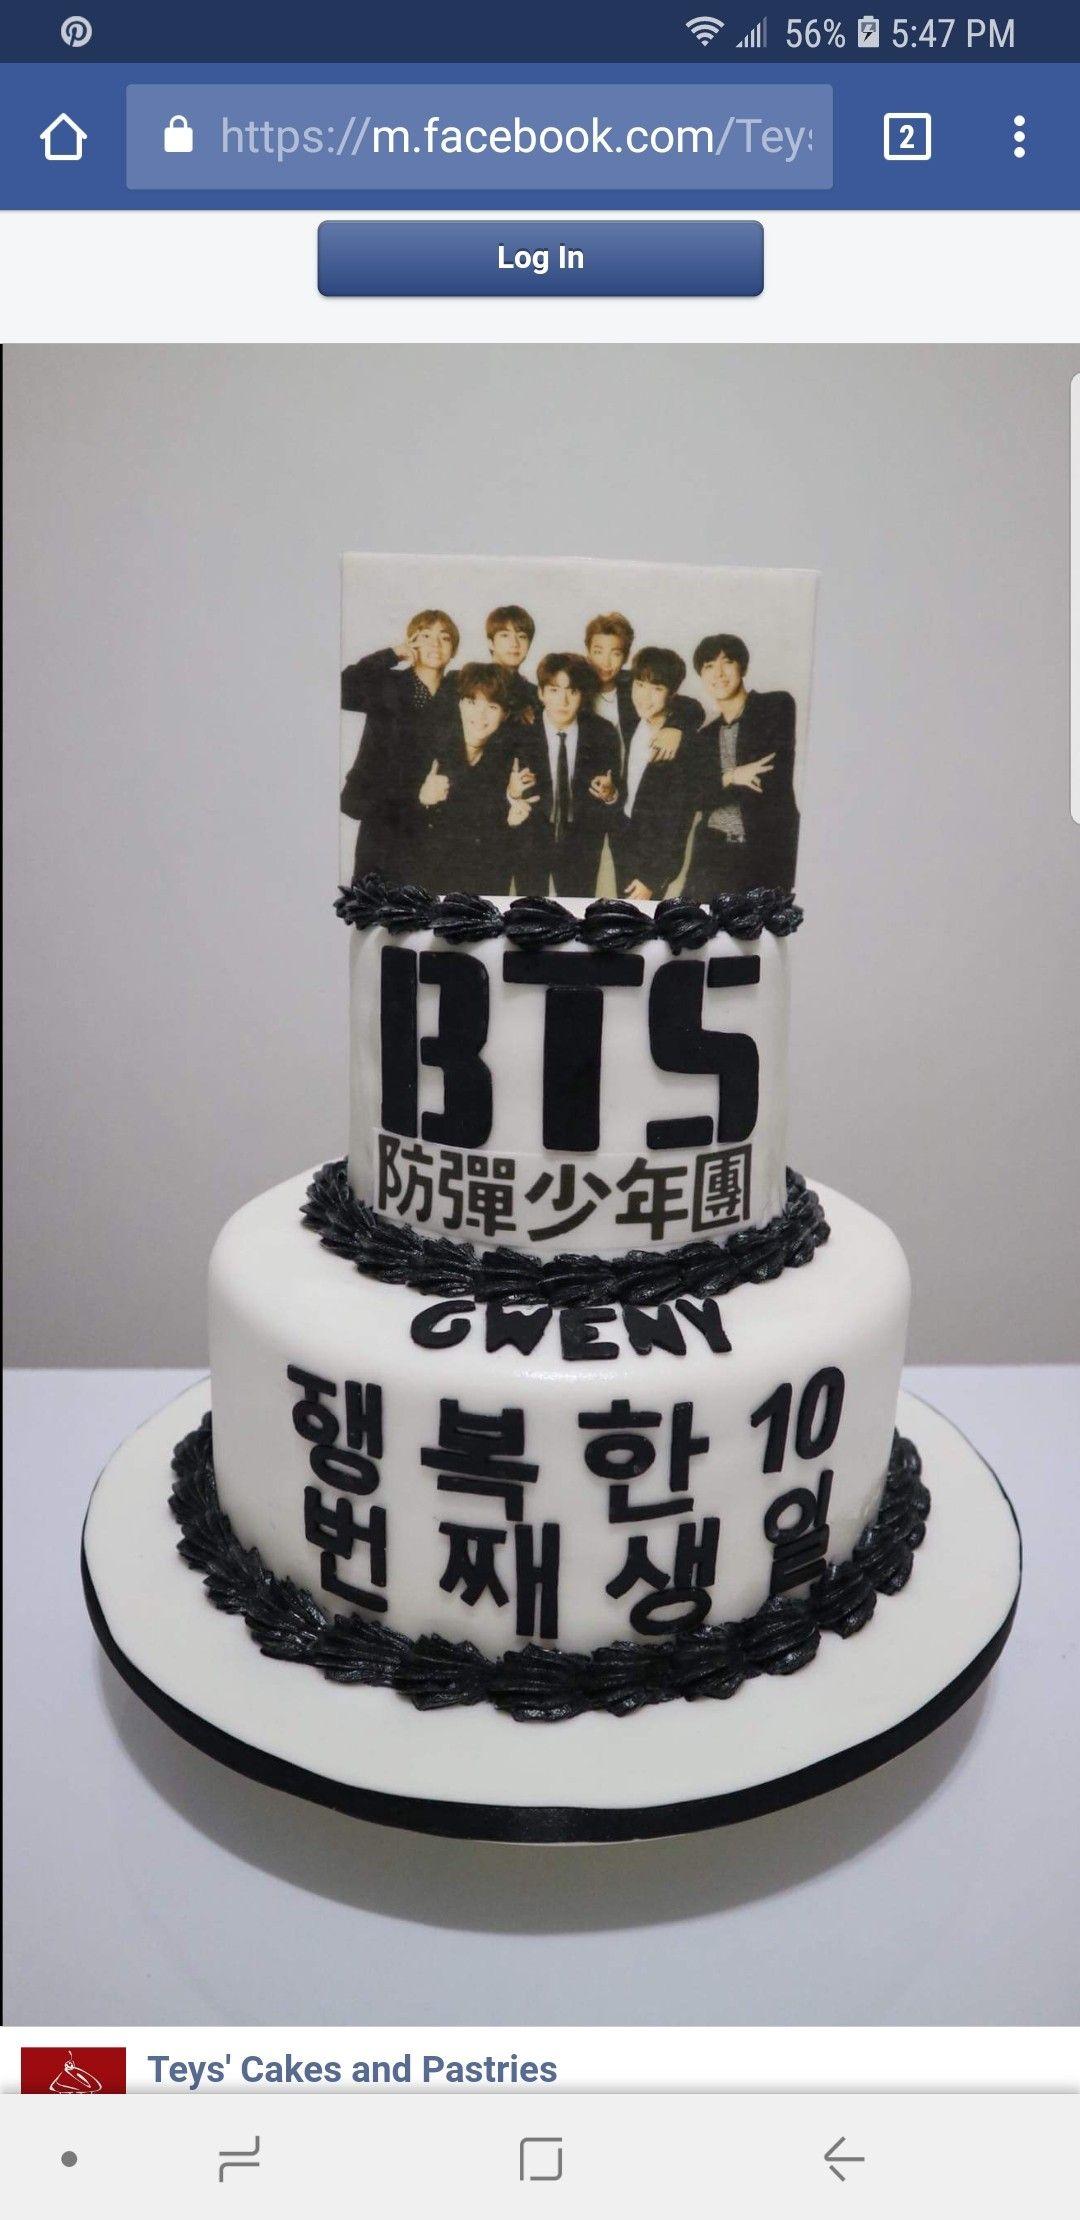 Bts Birthday Cake Bts Birthdays Bts Cake Cake